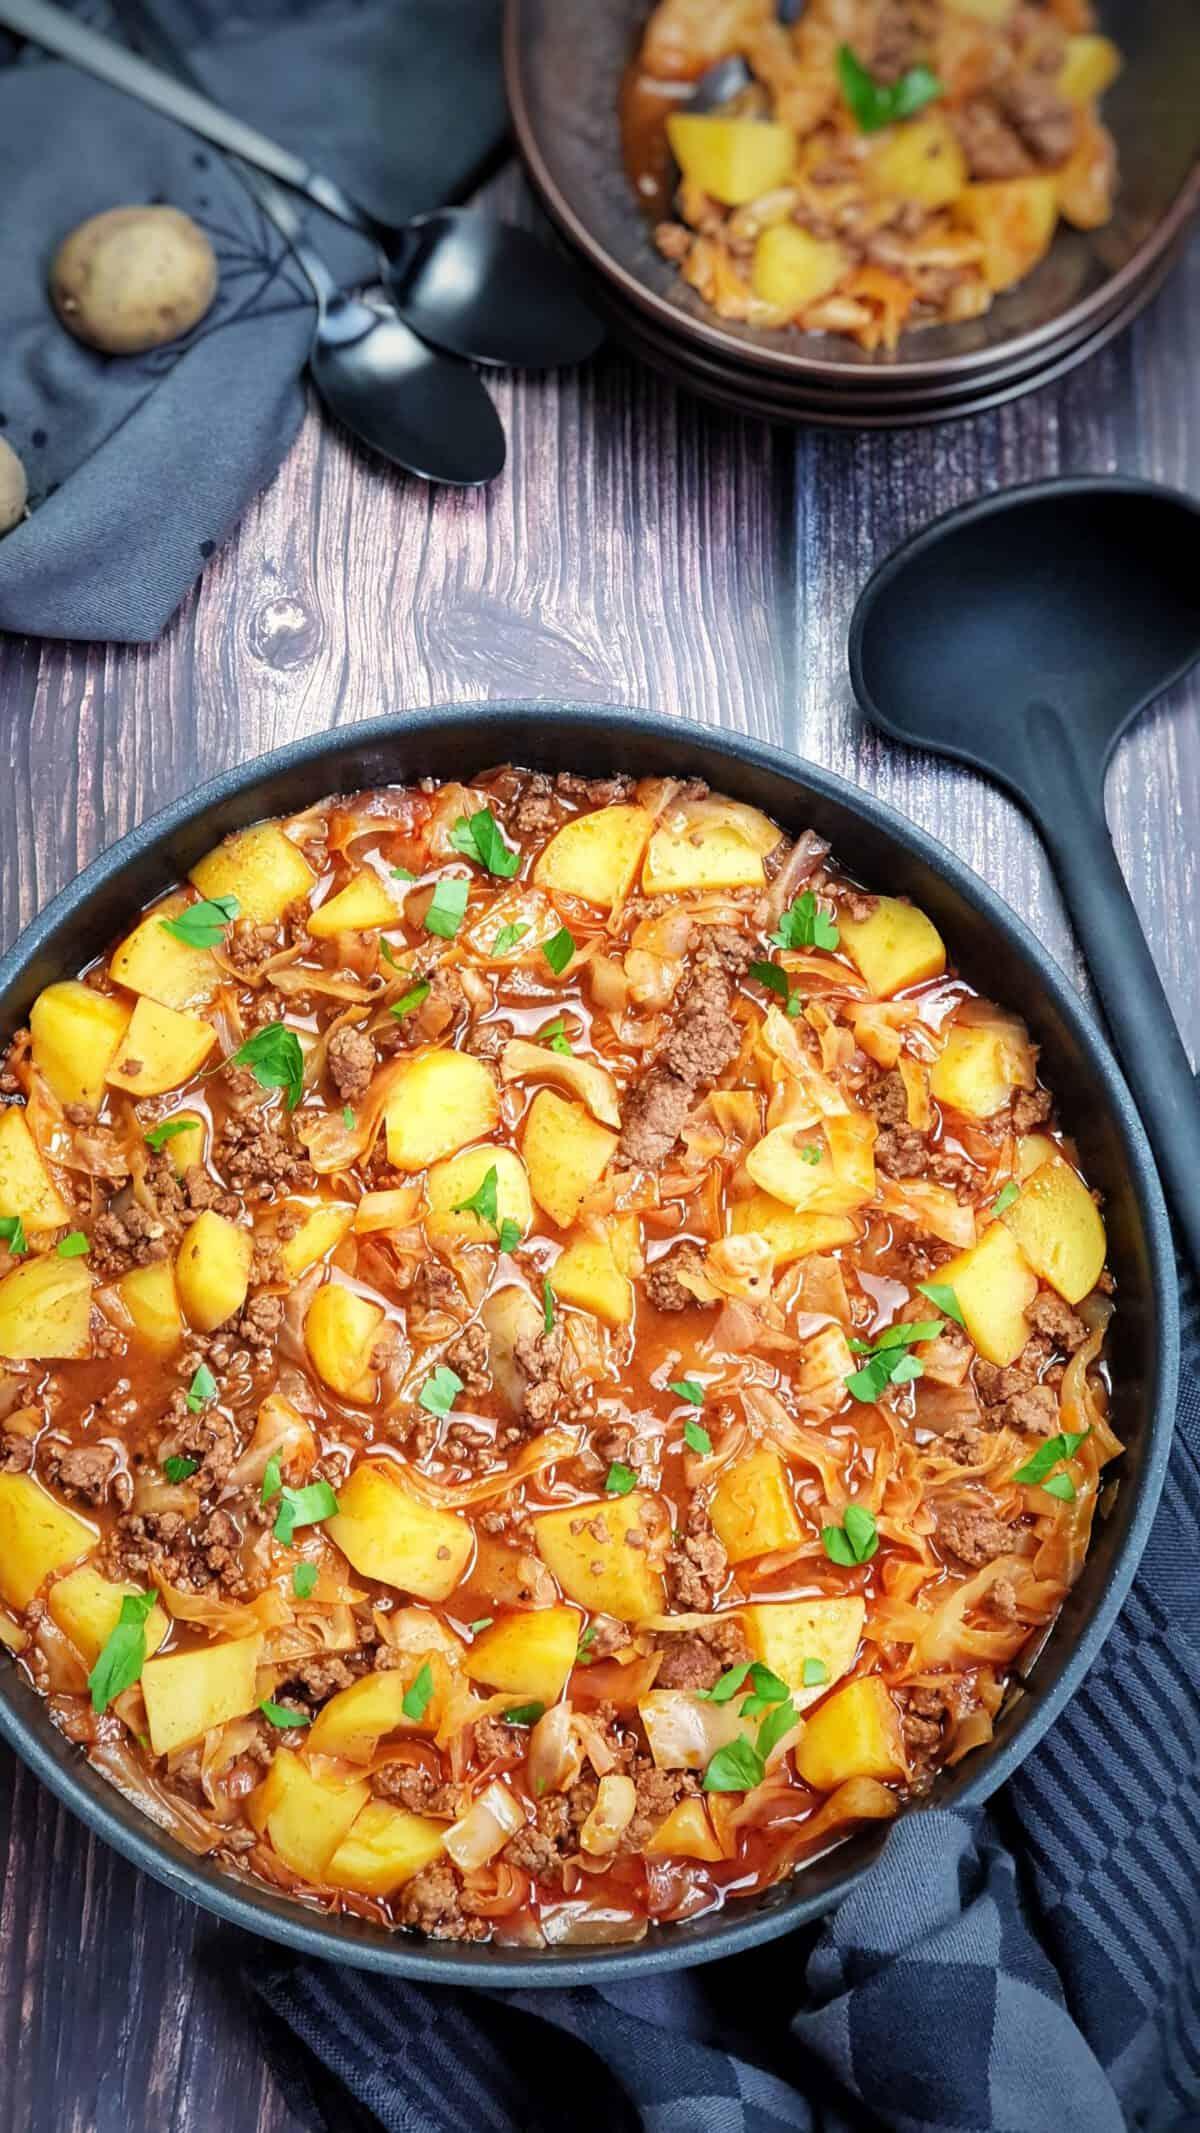 In einer schwarzen Pfanne ein Kohlgericht mit Kartoffeln und Hackfleisch.